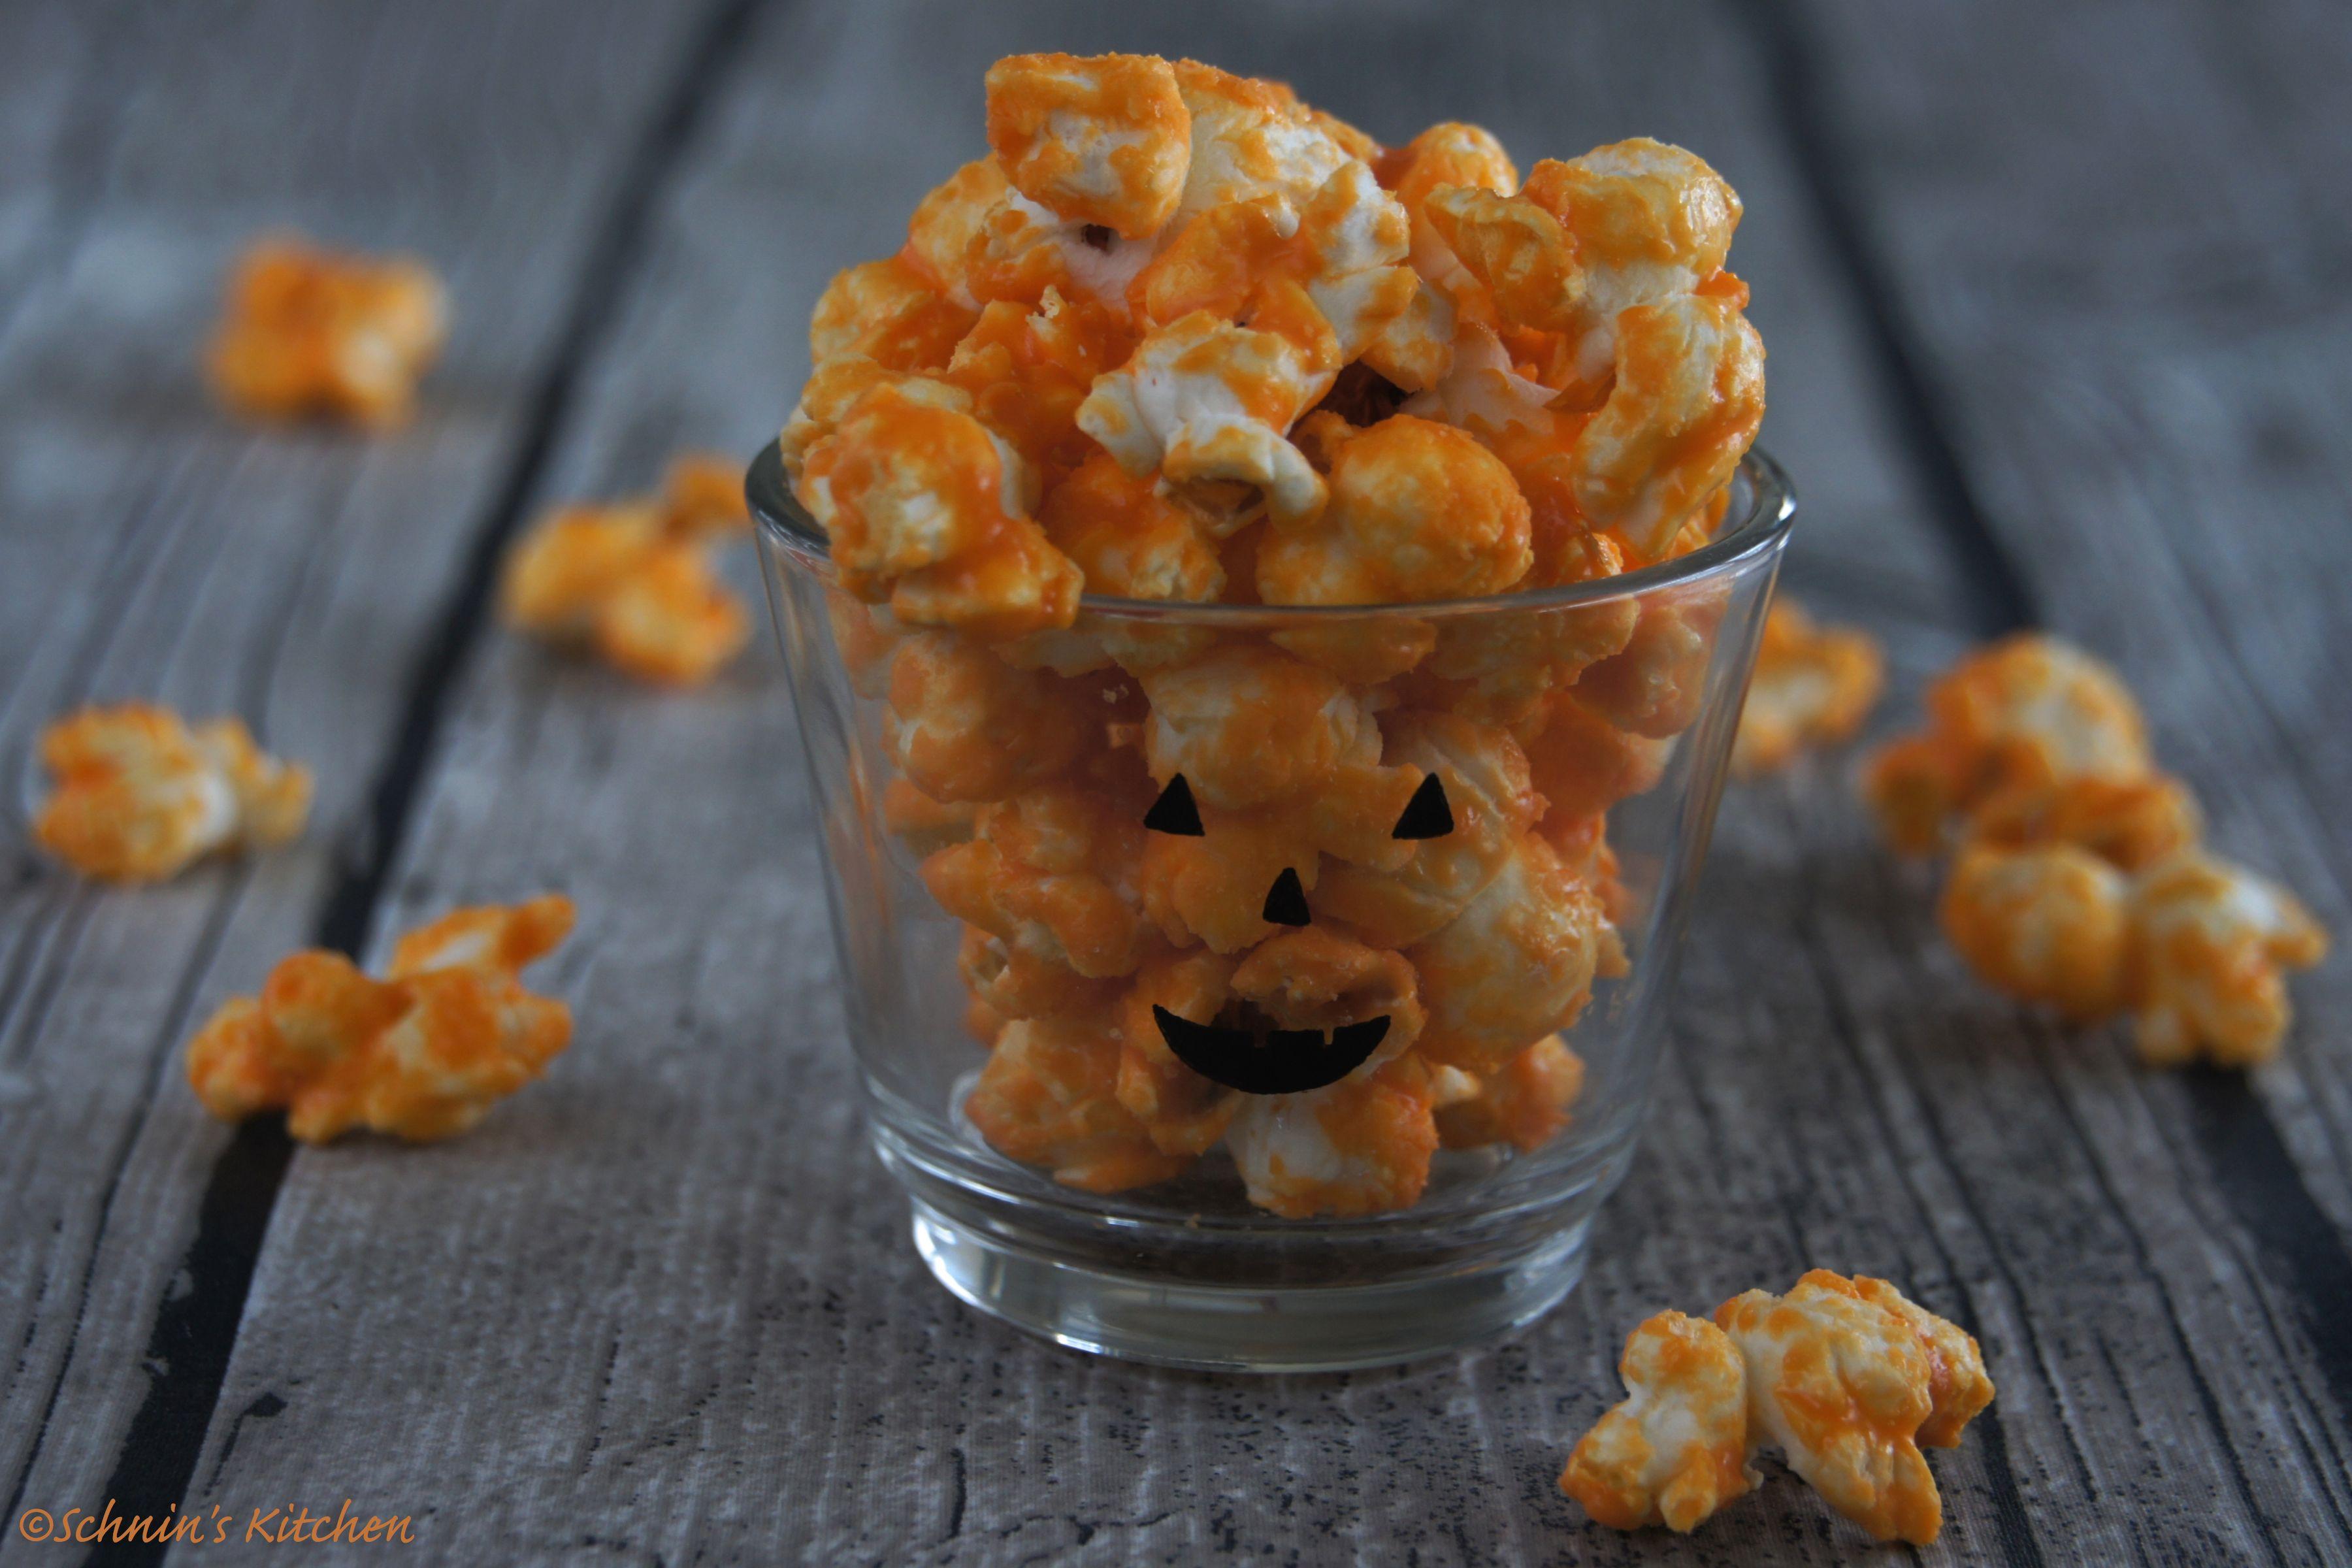 s es oder saures halloween popcorn ein klitzekleines diy schnin 39 s kitchen. Black Bedroom Furniture Sets. Home Design Ideas